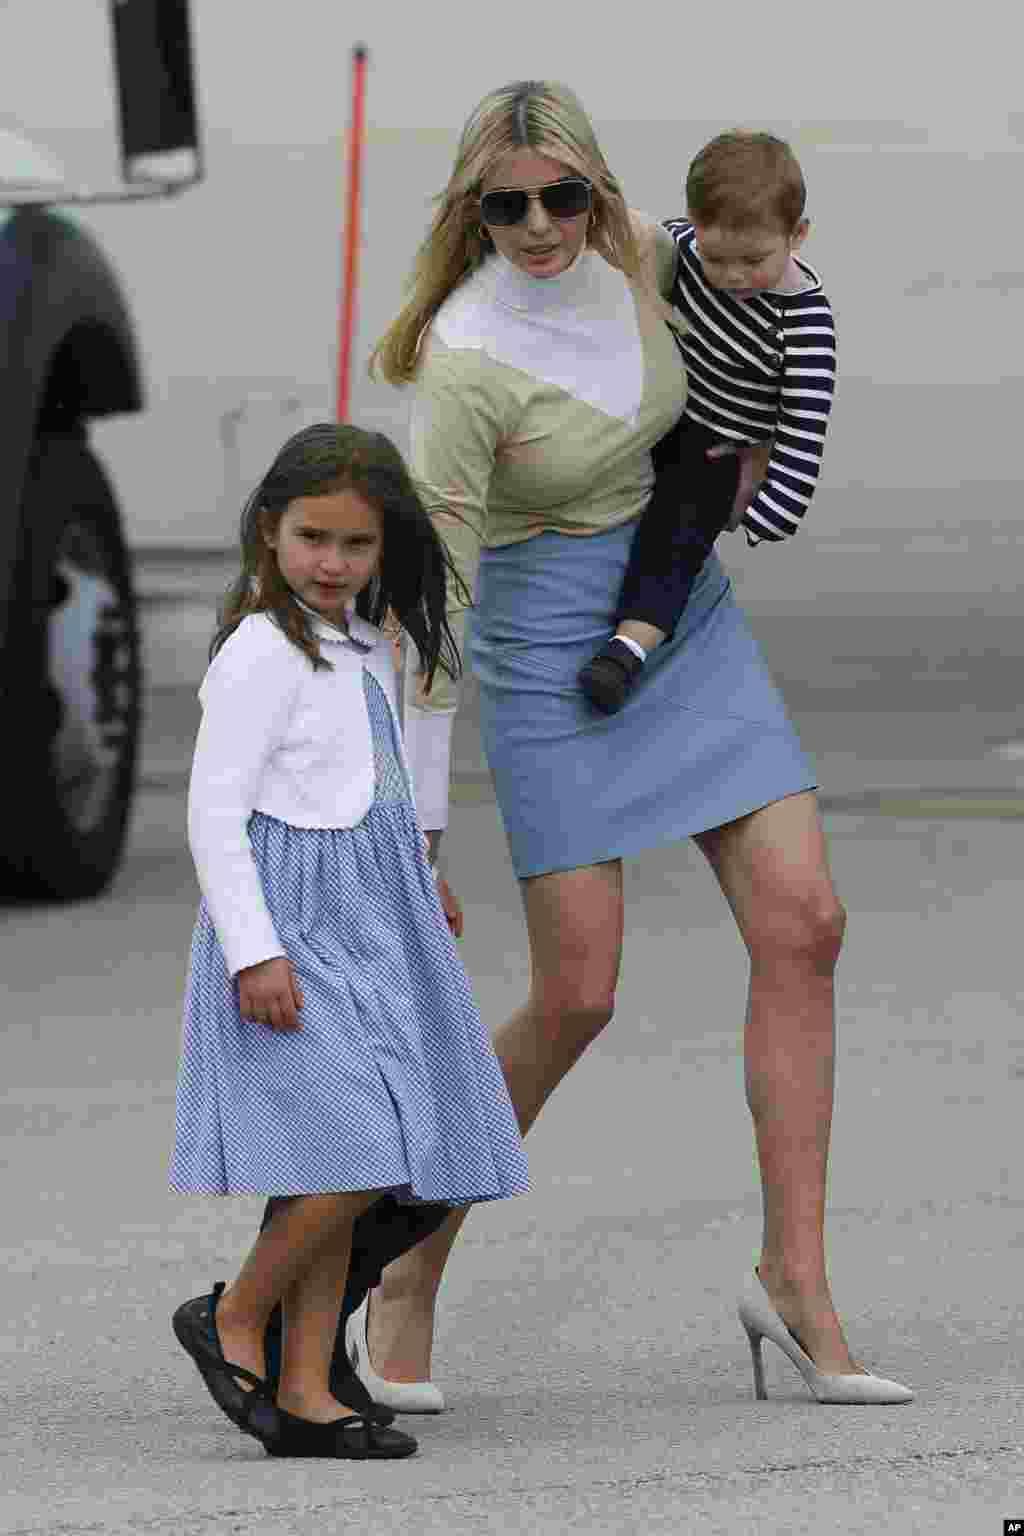 伊万卡·川普抱着小儿子,领着女儿和大儿子,离开总统专机后,走在西棕榈滩机场。她的女儿和大儿子当天晚上有给贵宾表演的任务 ——给贵宾习近平夫妇秀中文,唱《茉莉花》,背诵唐诗(2017年4月6日)